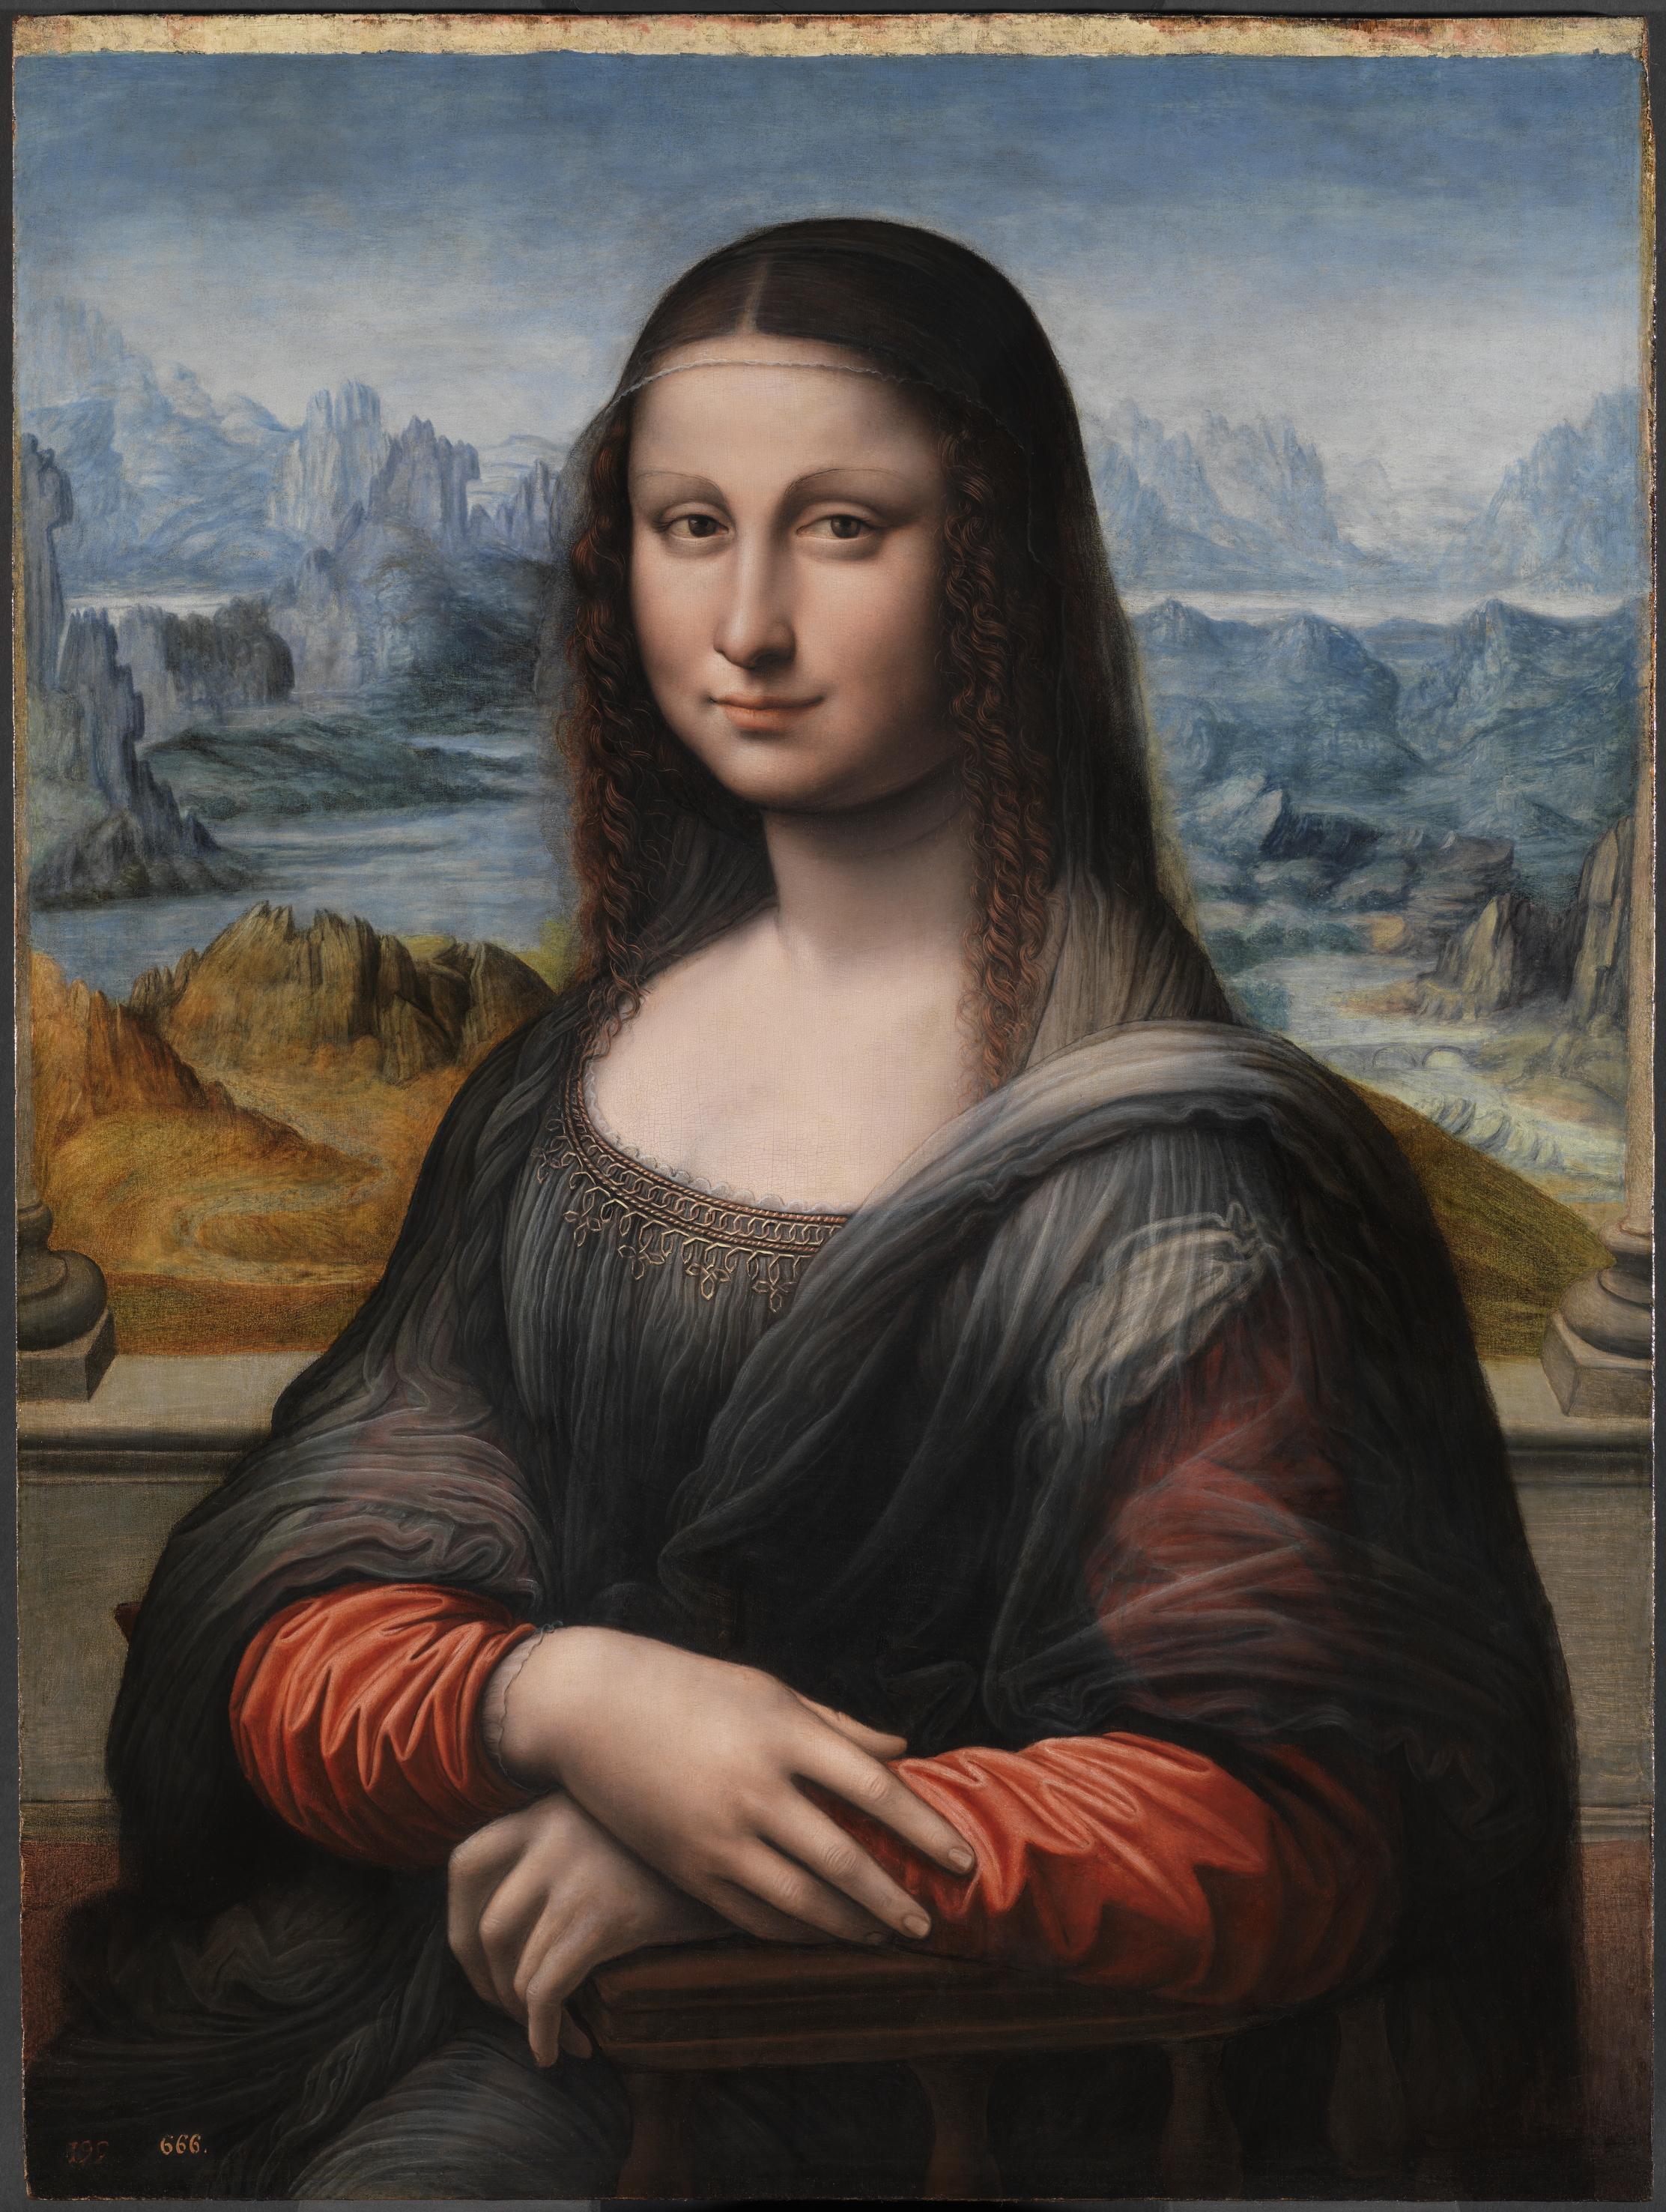 http://upload.wikimedia.org/wikipedia/commons/f/f3/La_Gioconda_(copia_del_Museo_del_Prado)_(restaurada).jpg